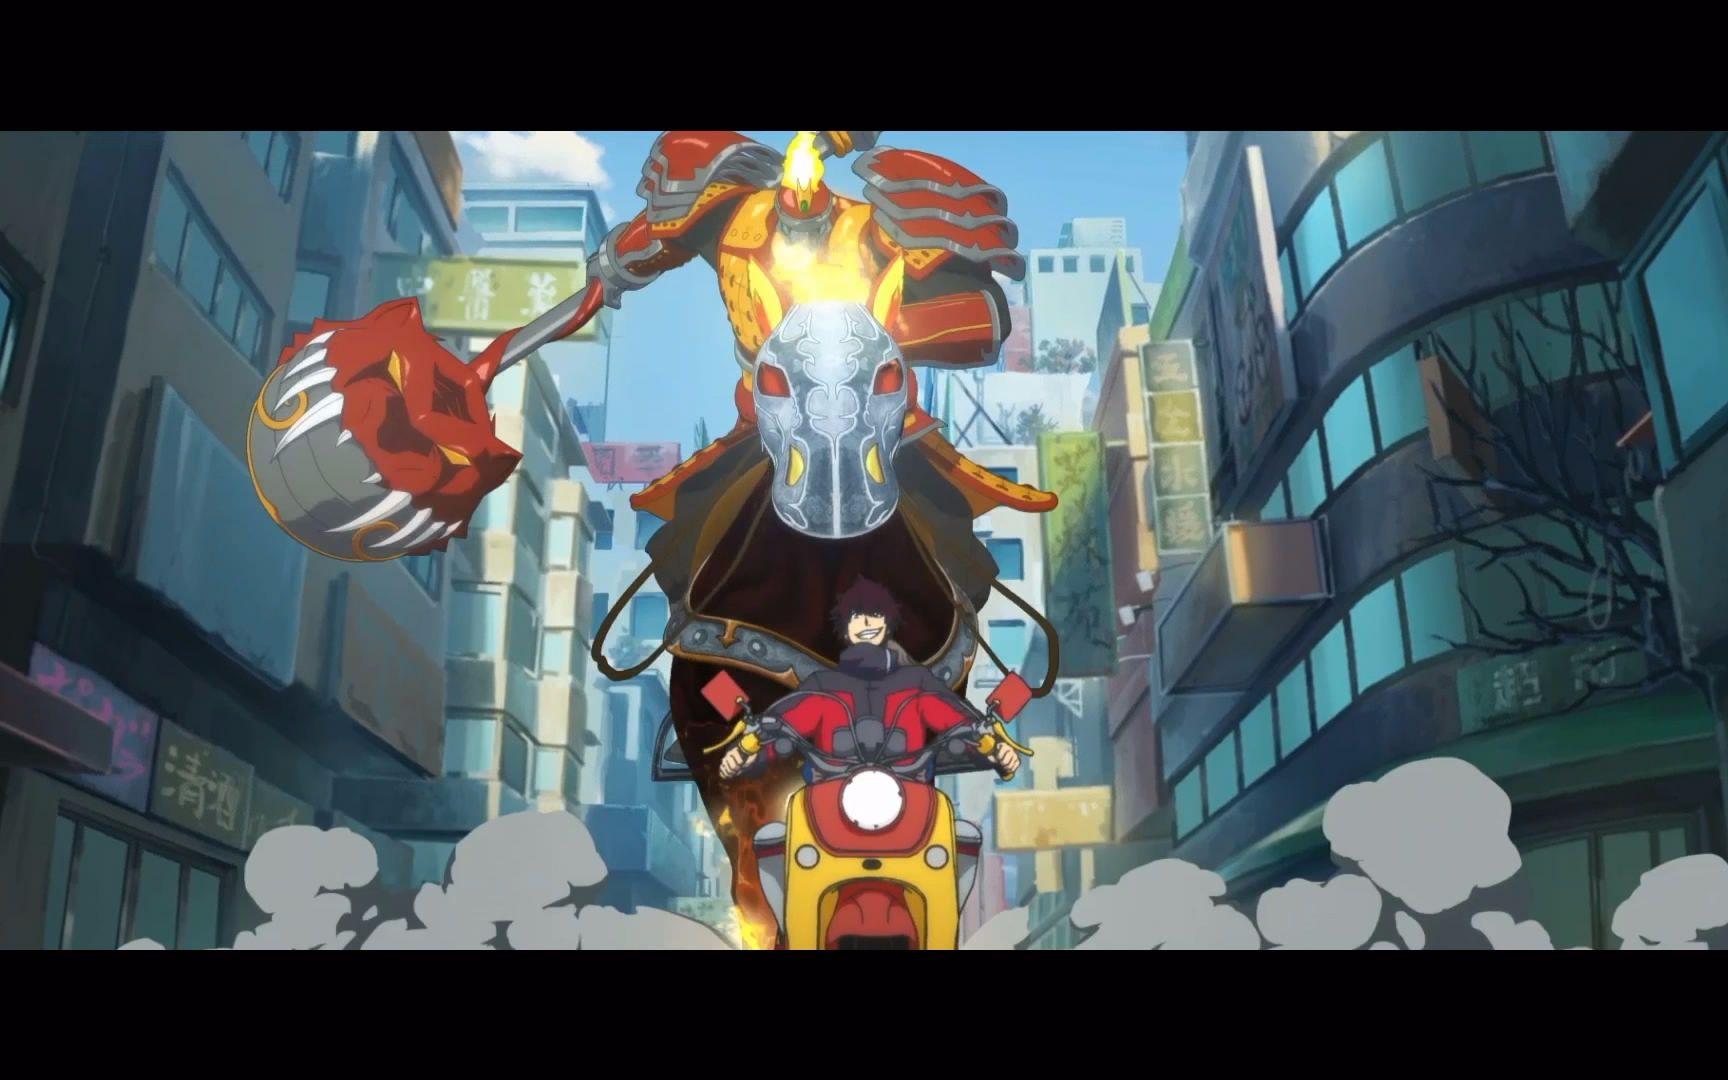 镇魂街漫画动漫同名电视剧几月几号播台湾往事电视剧32预告图片